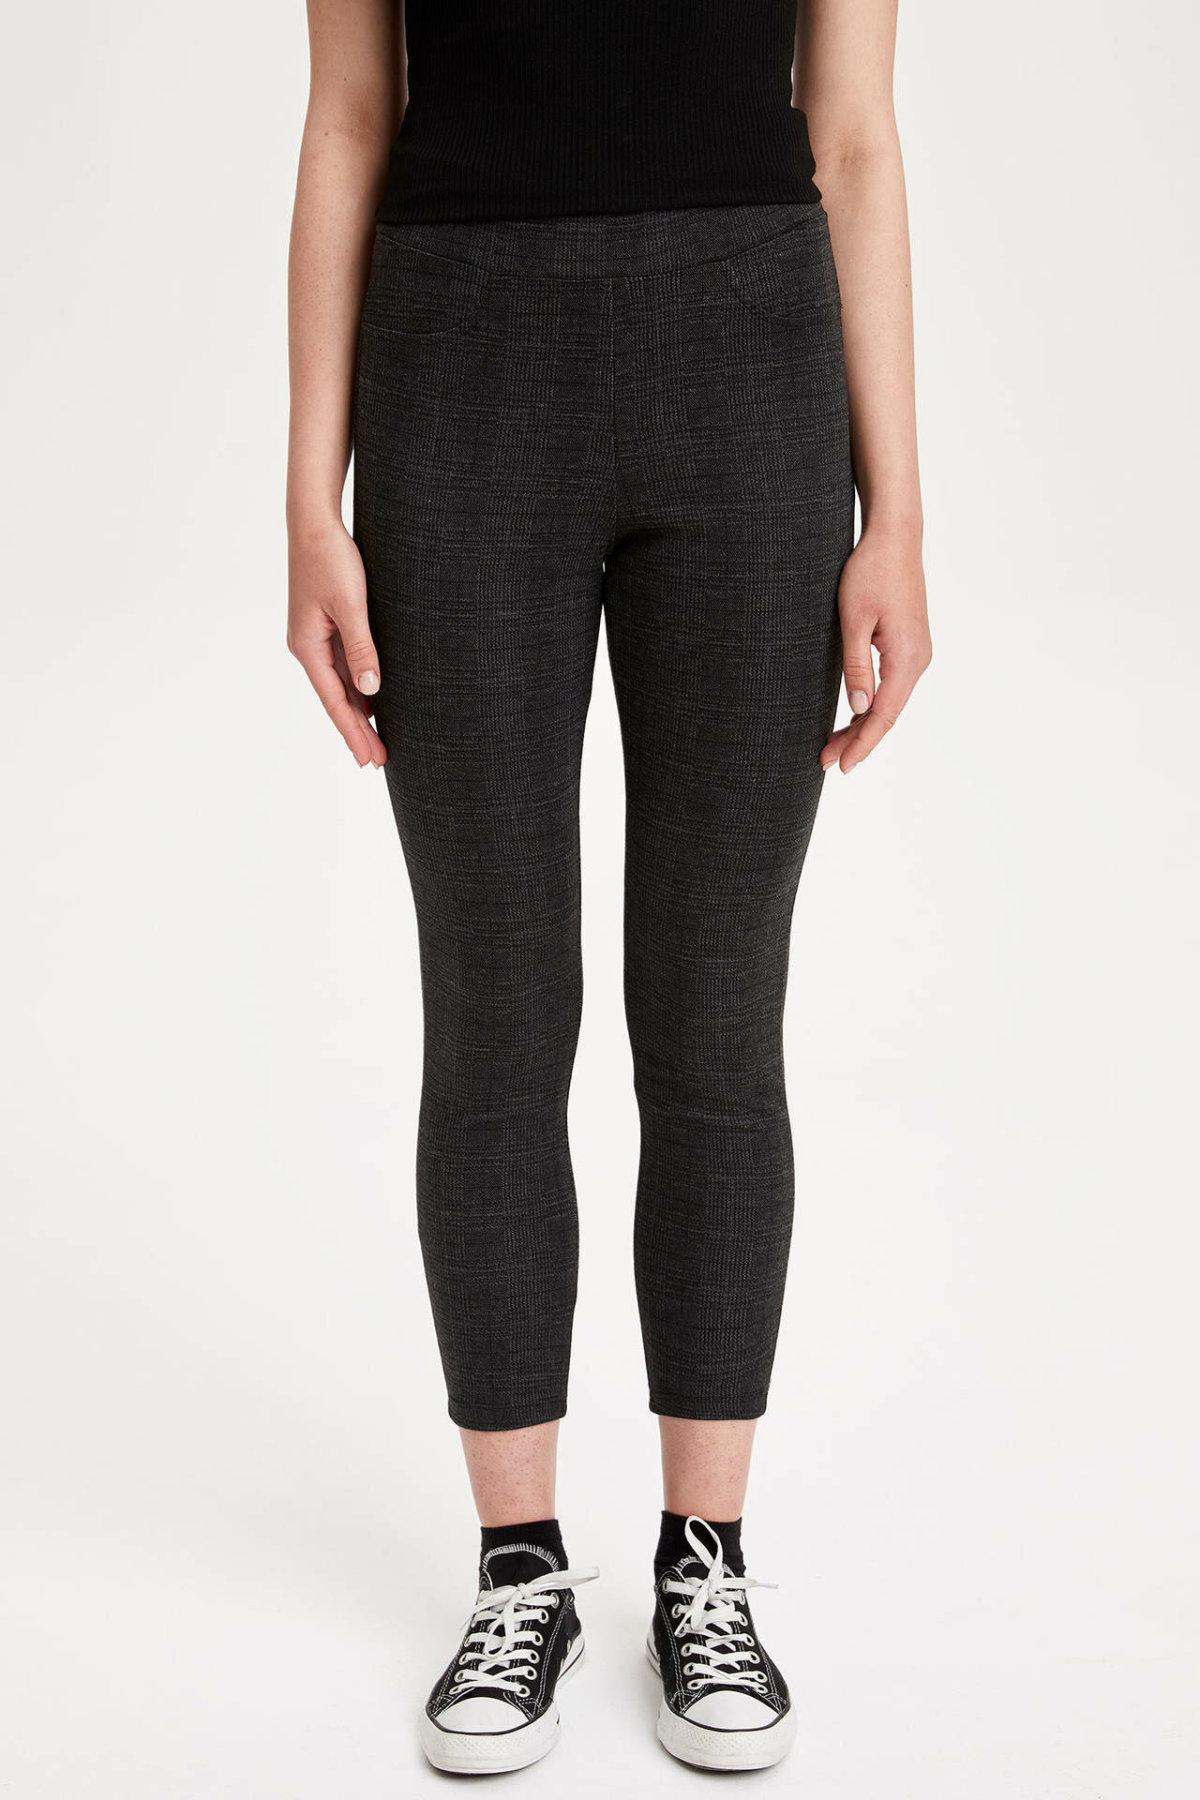 DeFacto Woman Trousers Women Autumn Black Capri Pants Skinny Slim Adjustable Pants For Autumn Women Bottoms-K6584AZ18AU